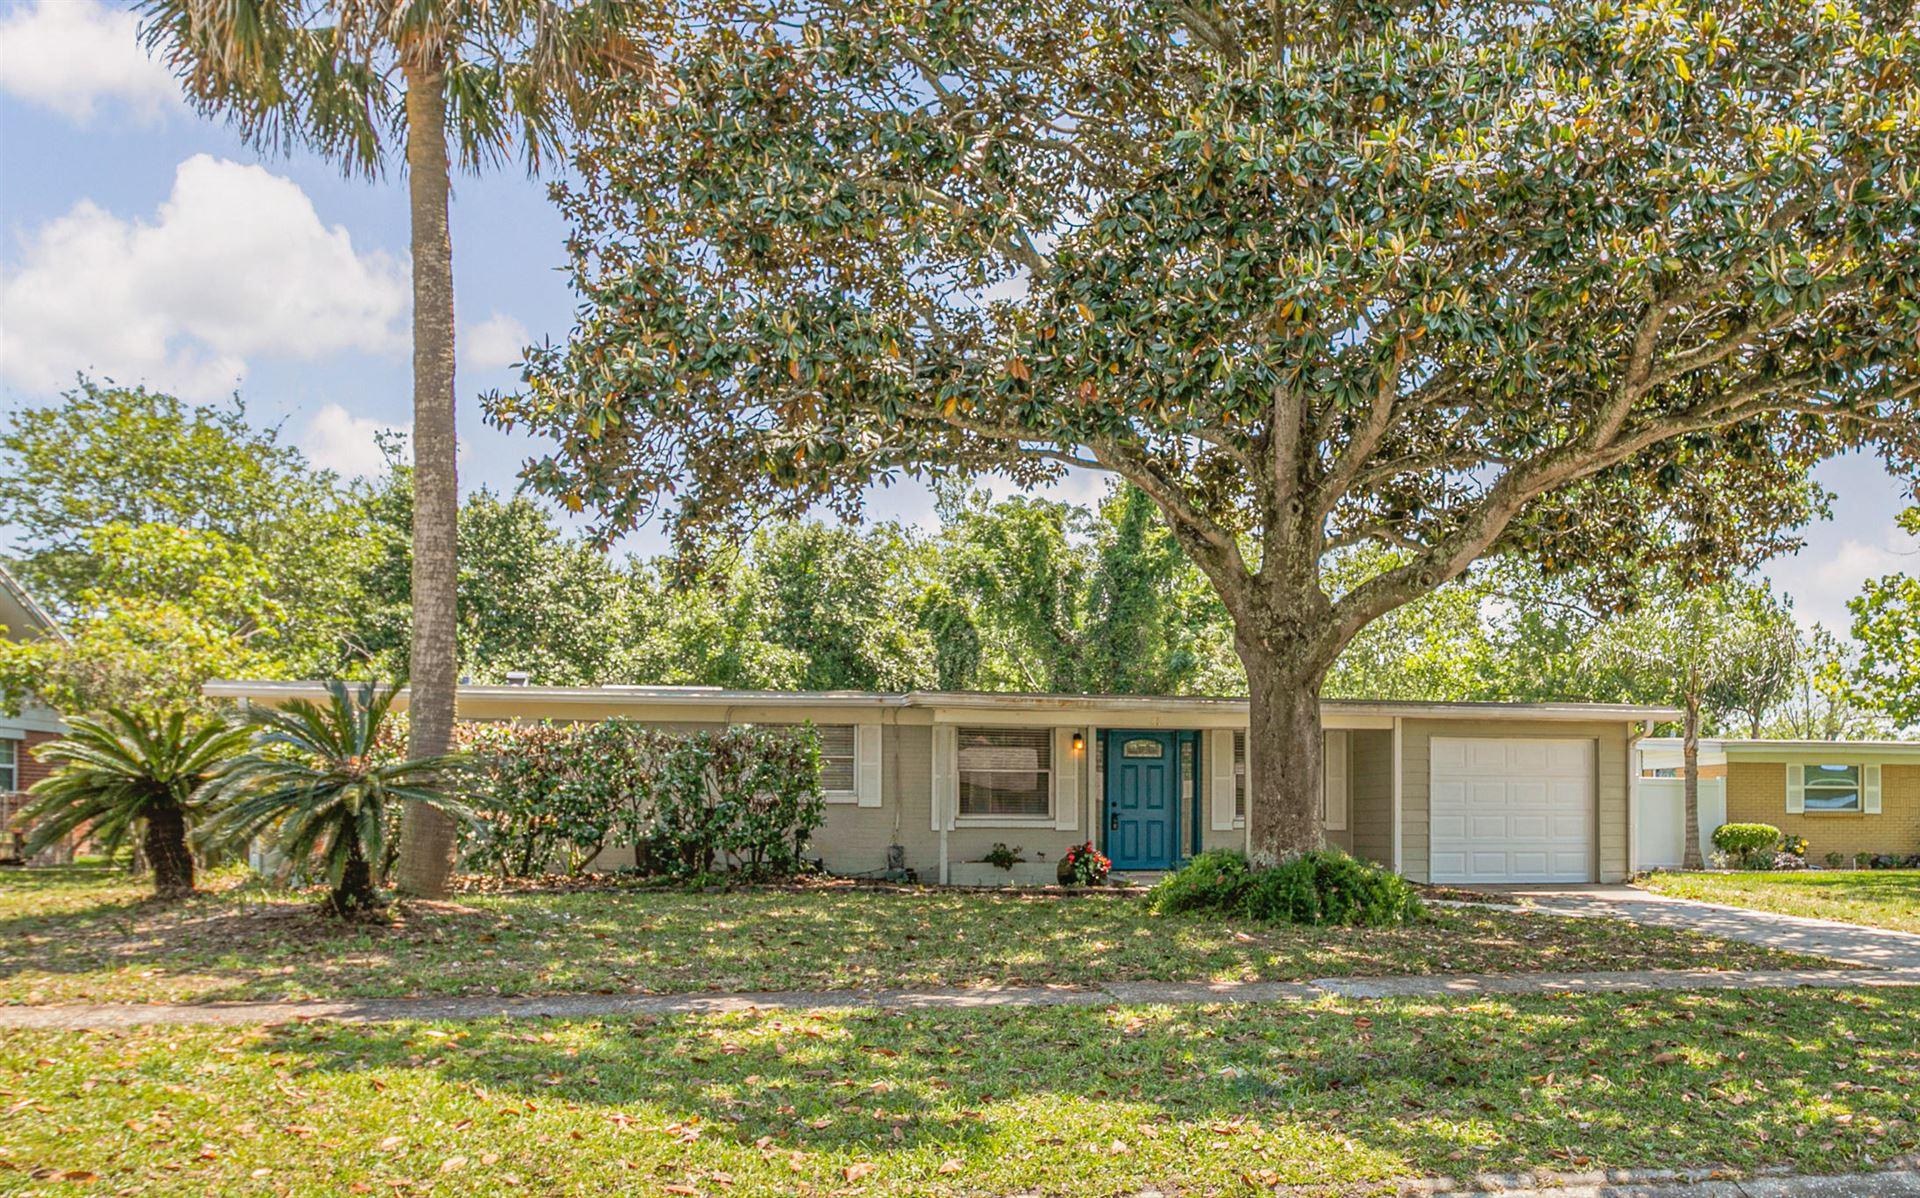 217 DRIFTWOOD RD #Lot No: 3, Neptune Beach, FL 32266 - MLS#: 1107498